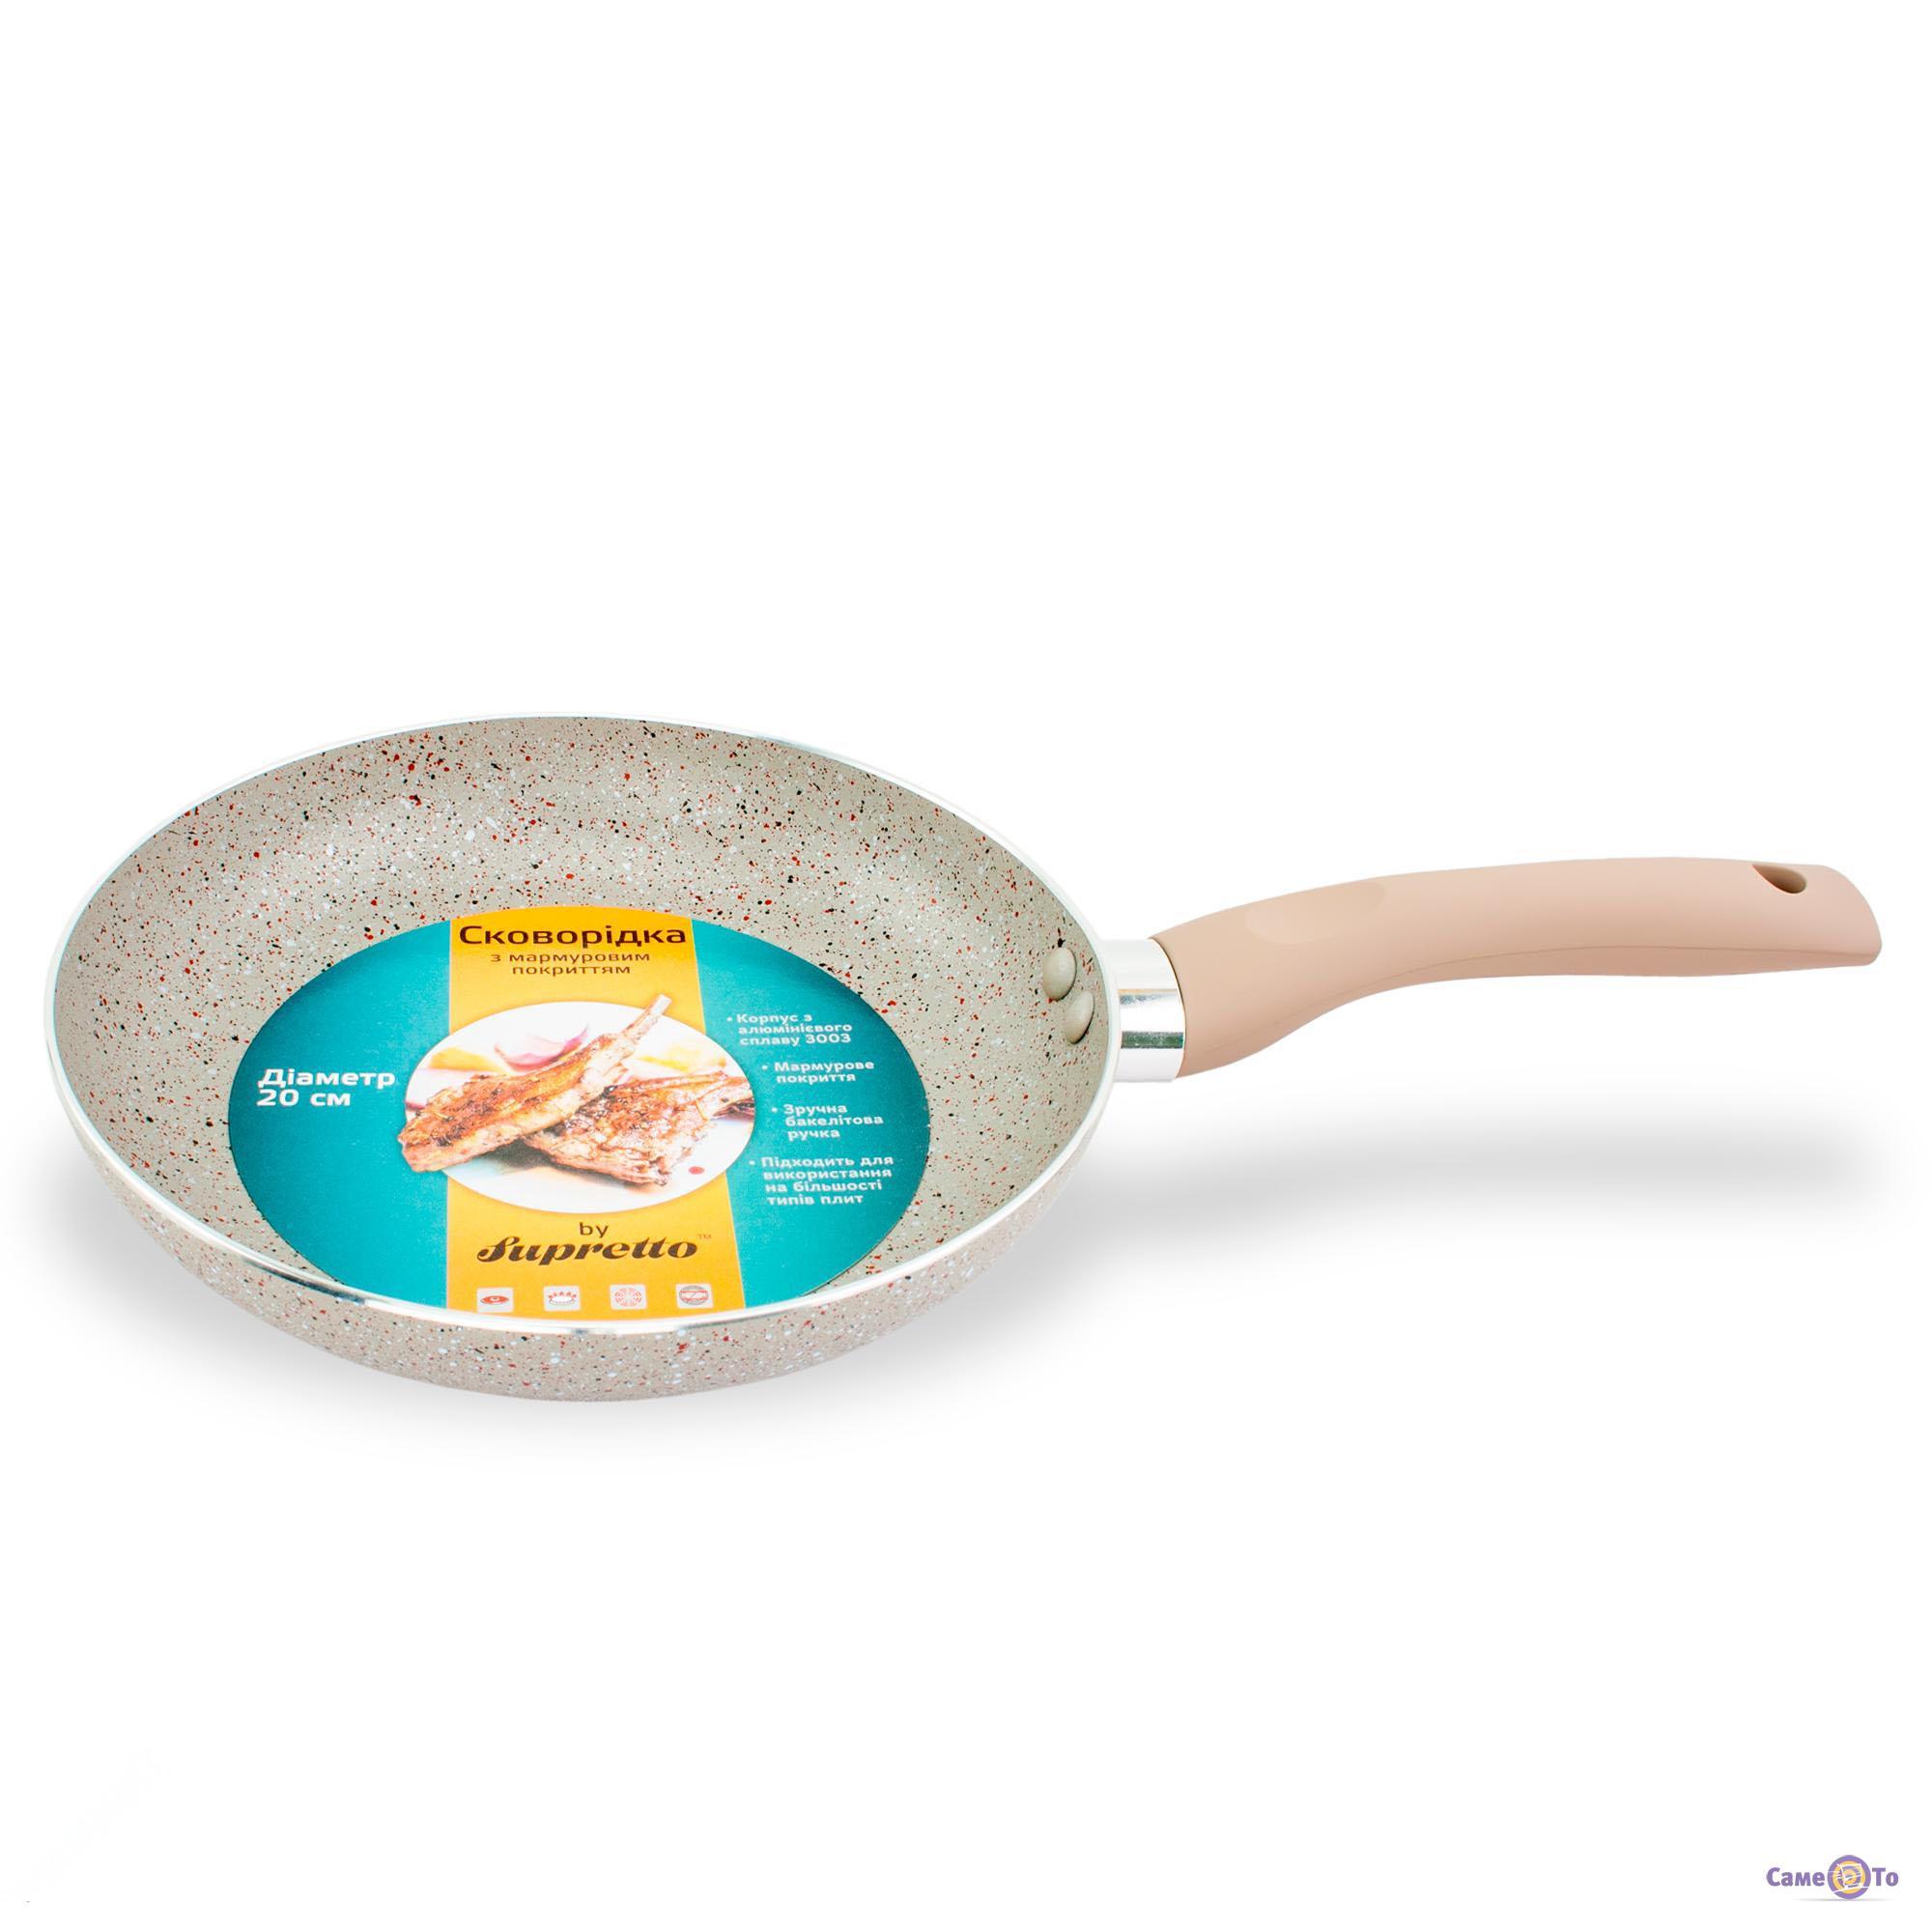 Сковородка с мраморным антипригарным покрытием, 20 см. (Marble frypan)